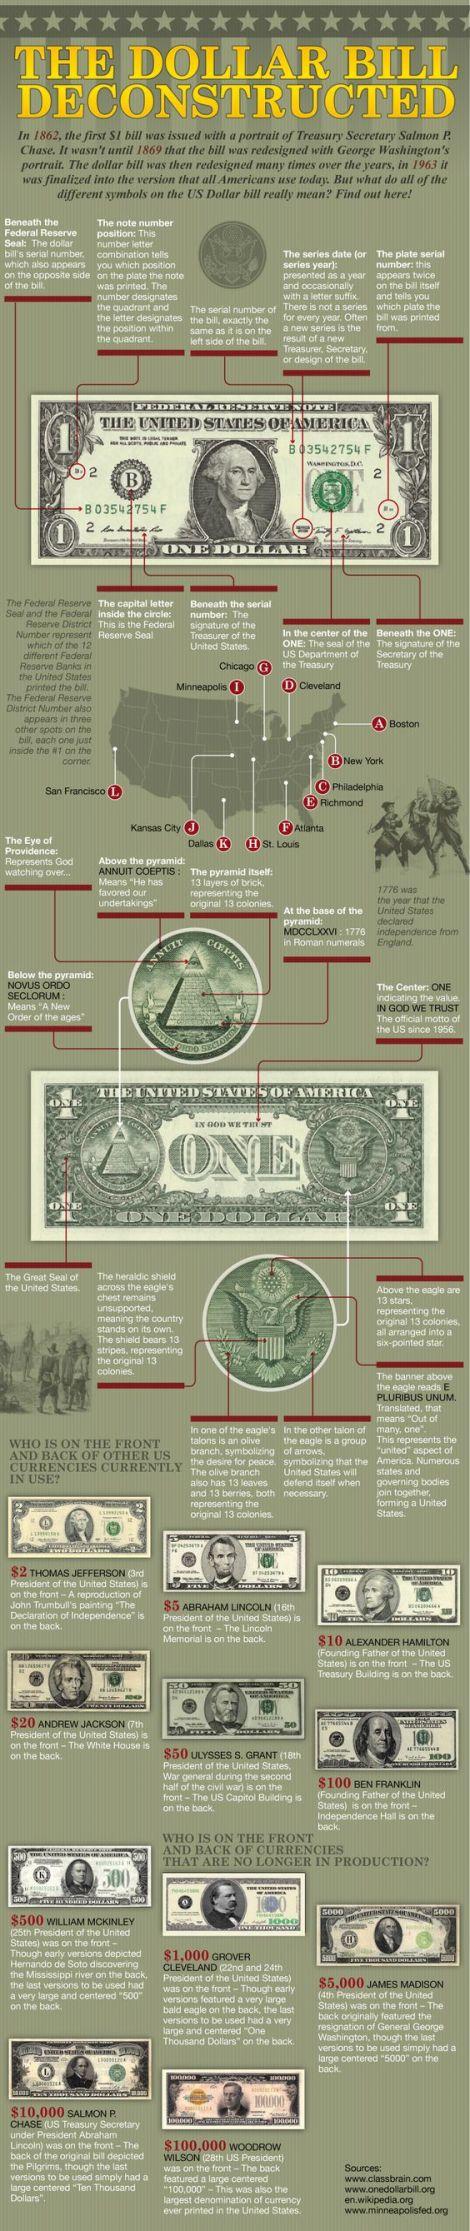 Dollar Bill Deconstructed